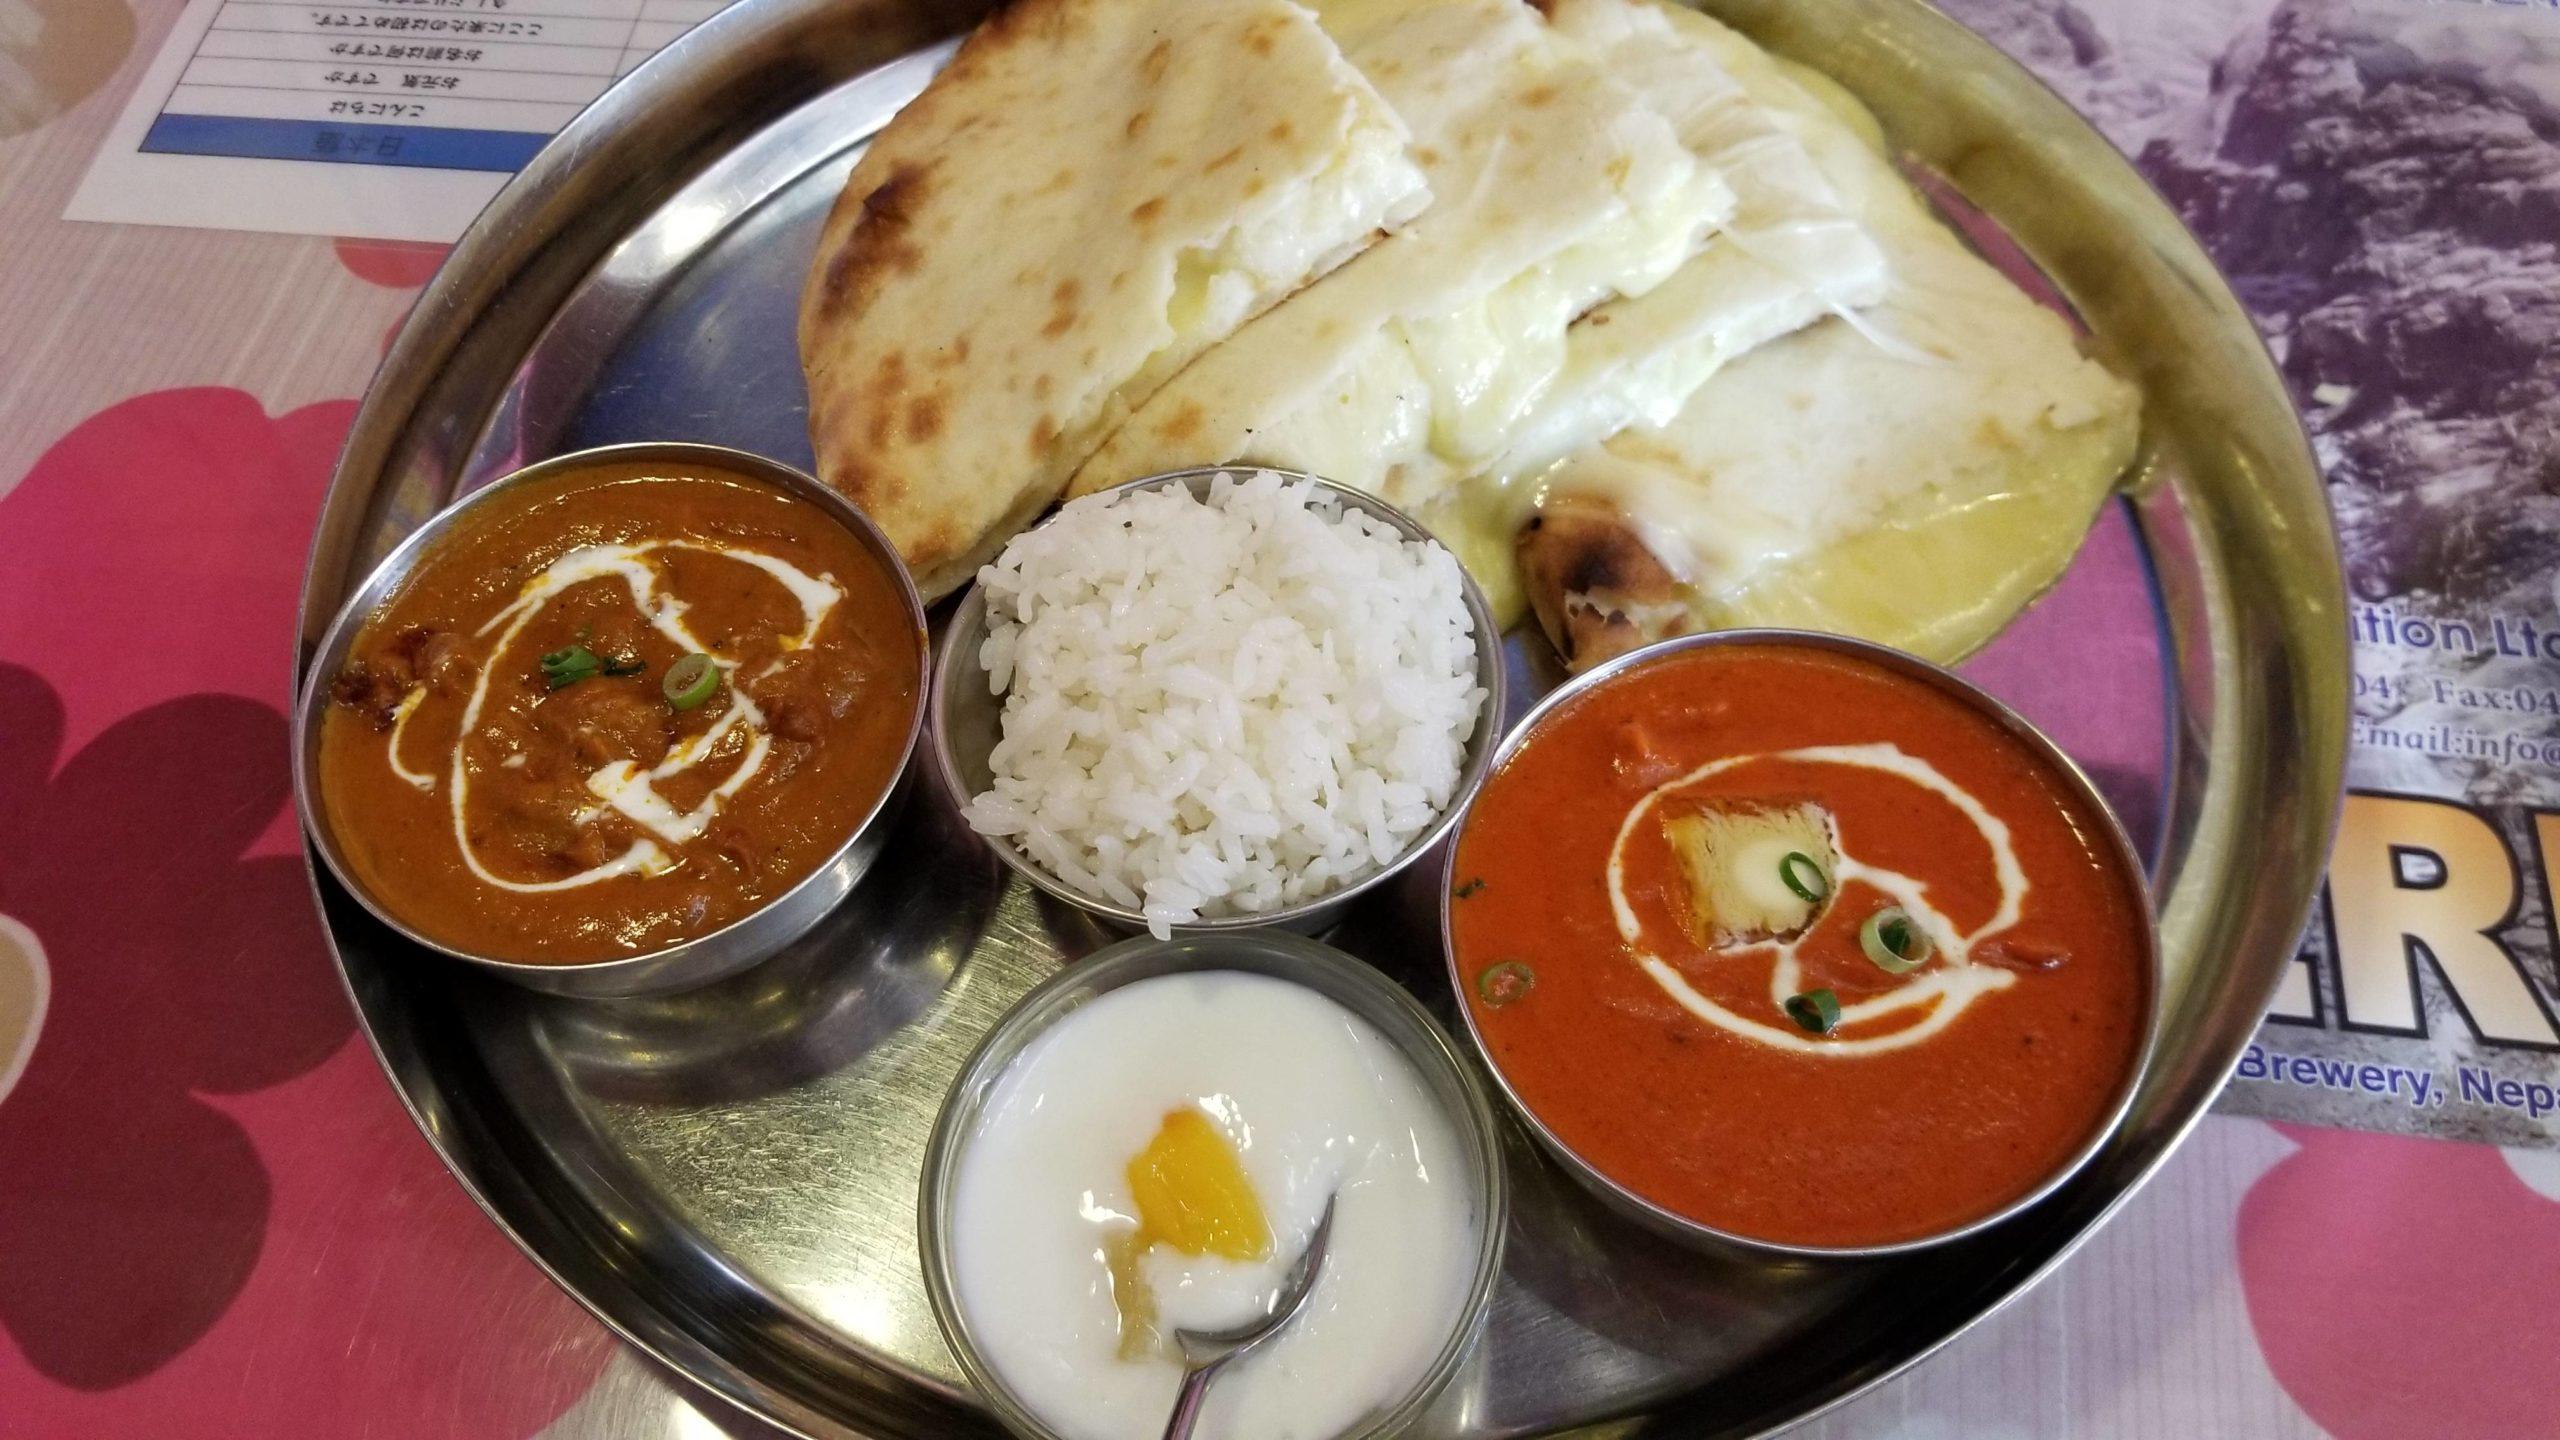 昼に食べたインド(ネパール)カレー屋のチーズナンセットwwwwwww